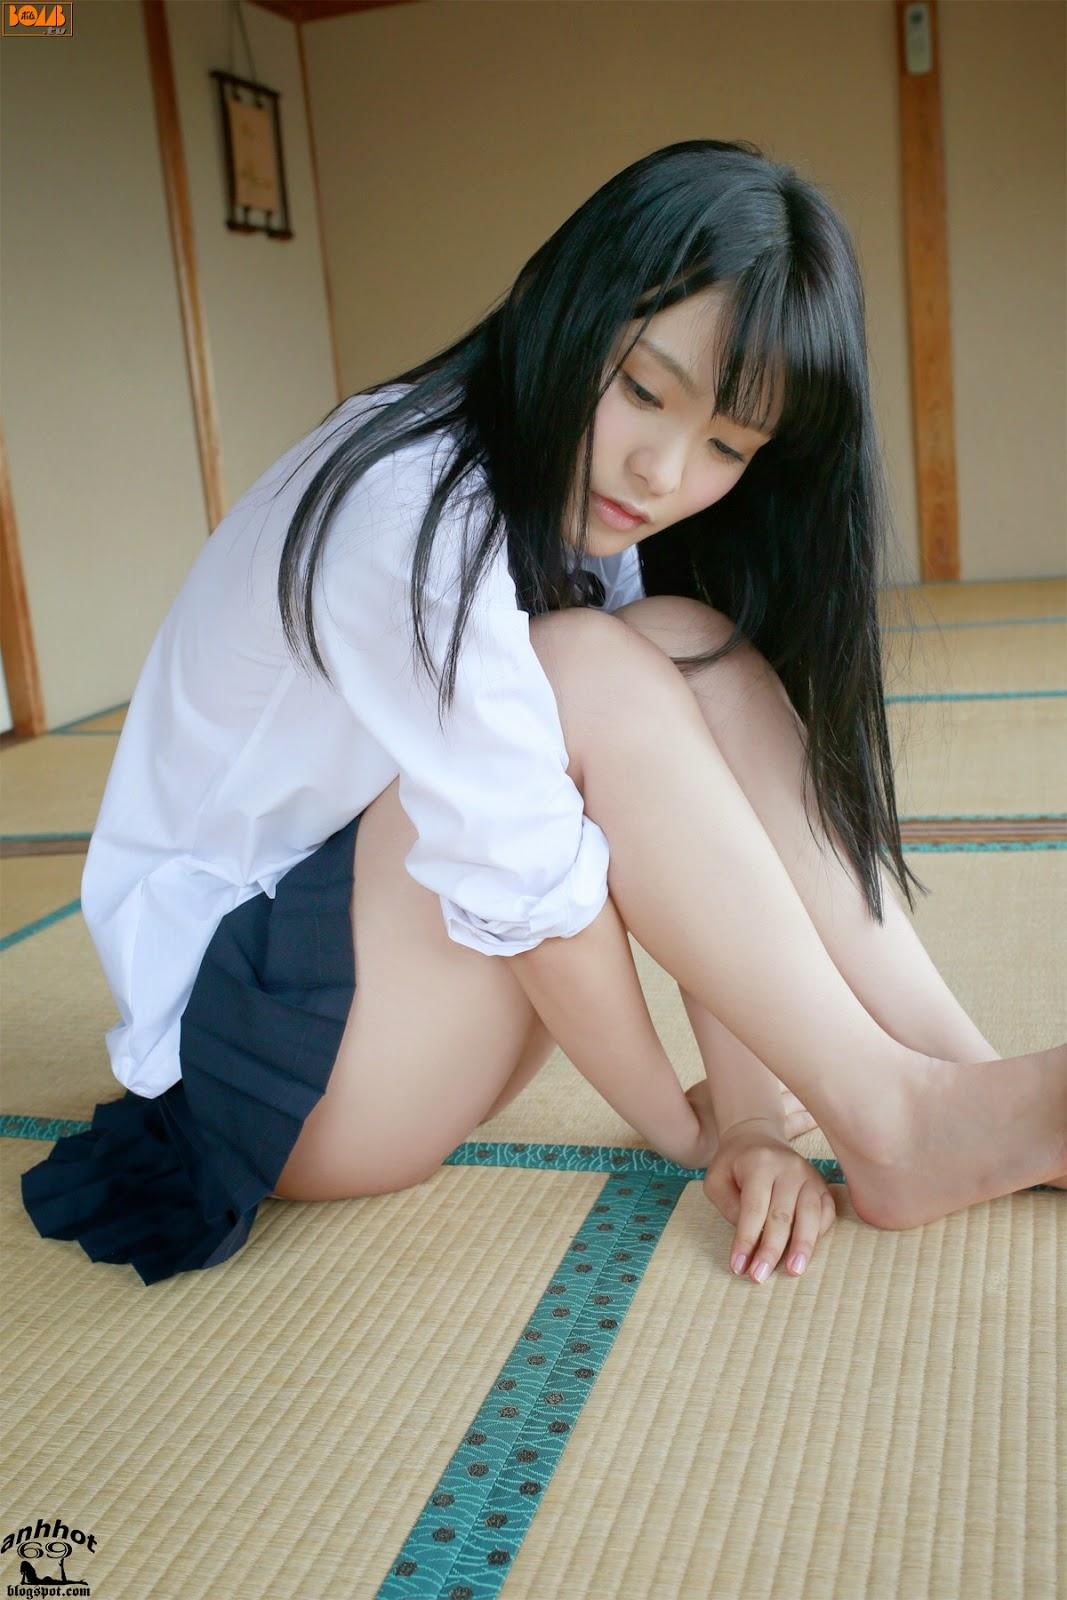 mizuki-hoshina-02127837